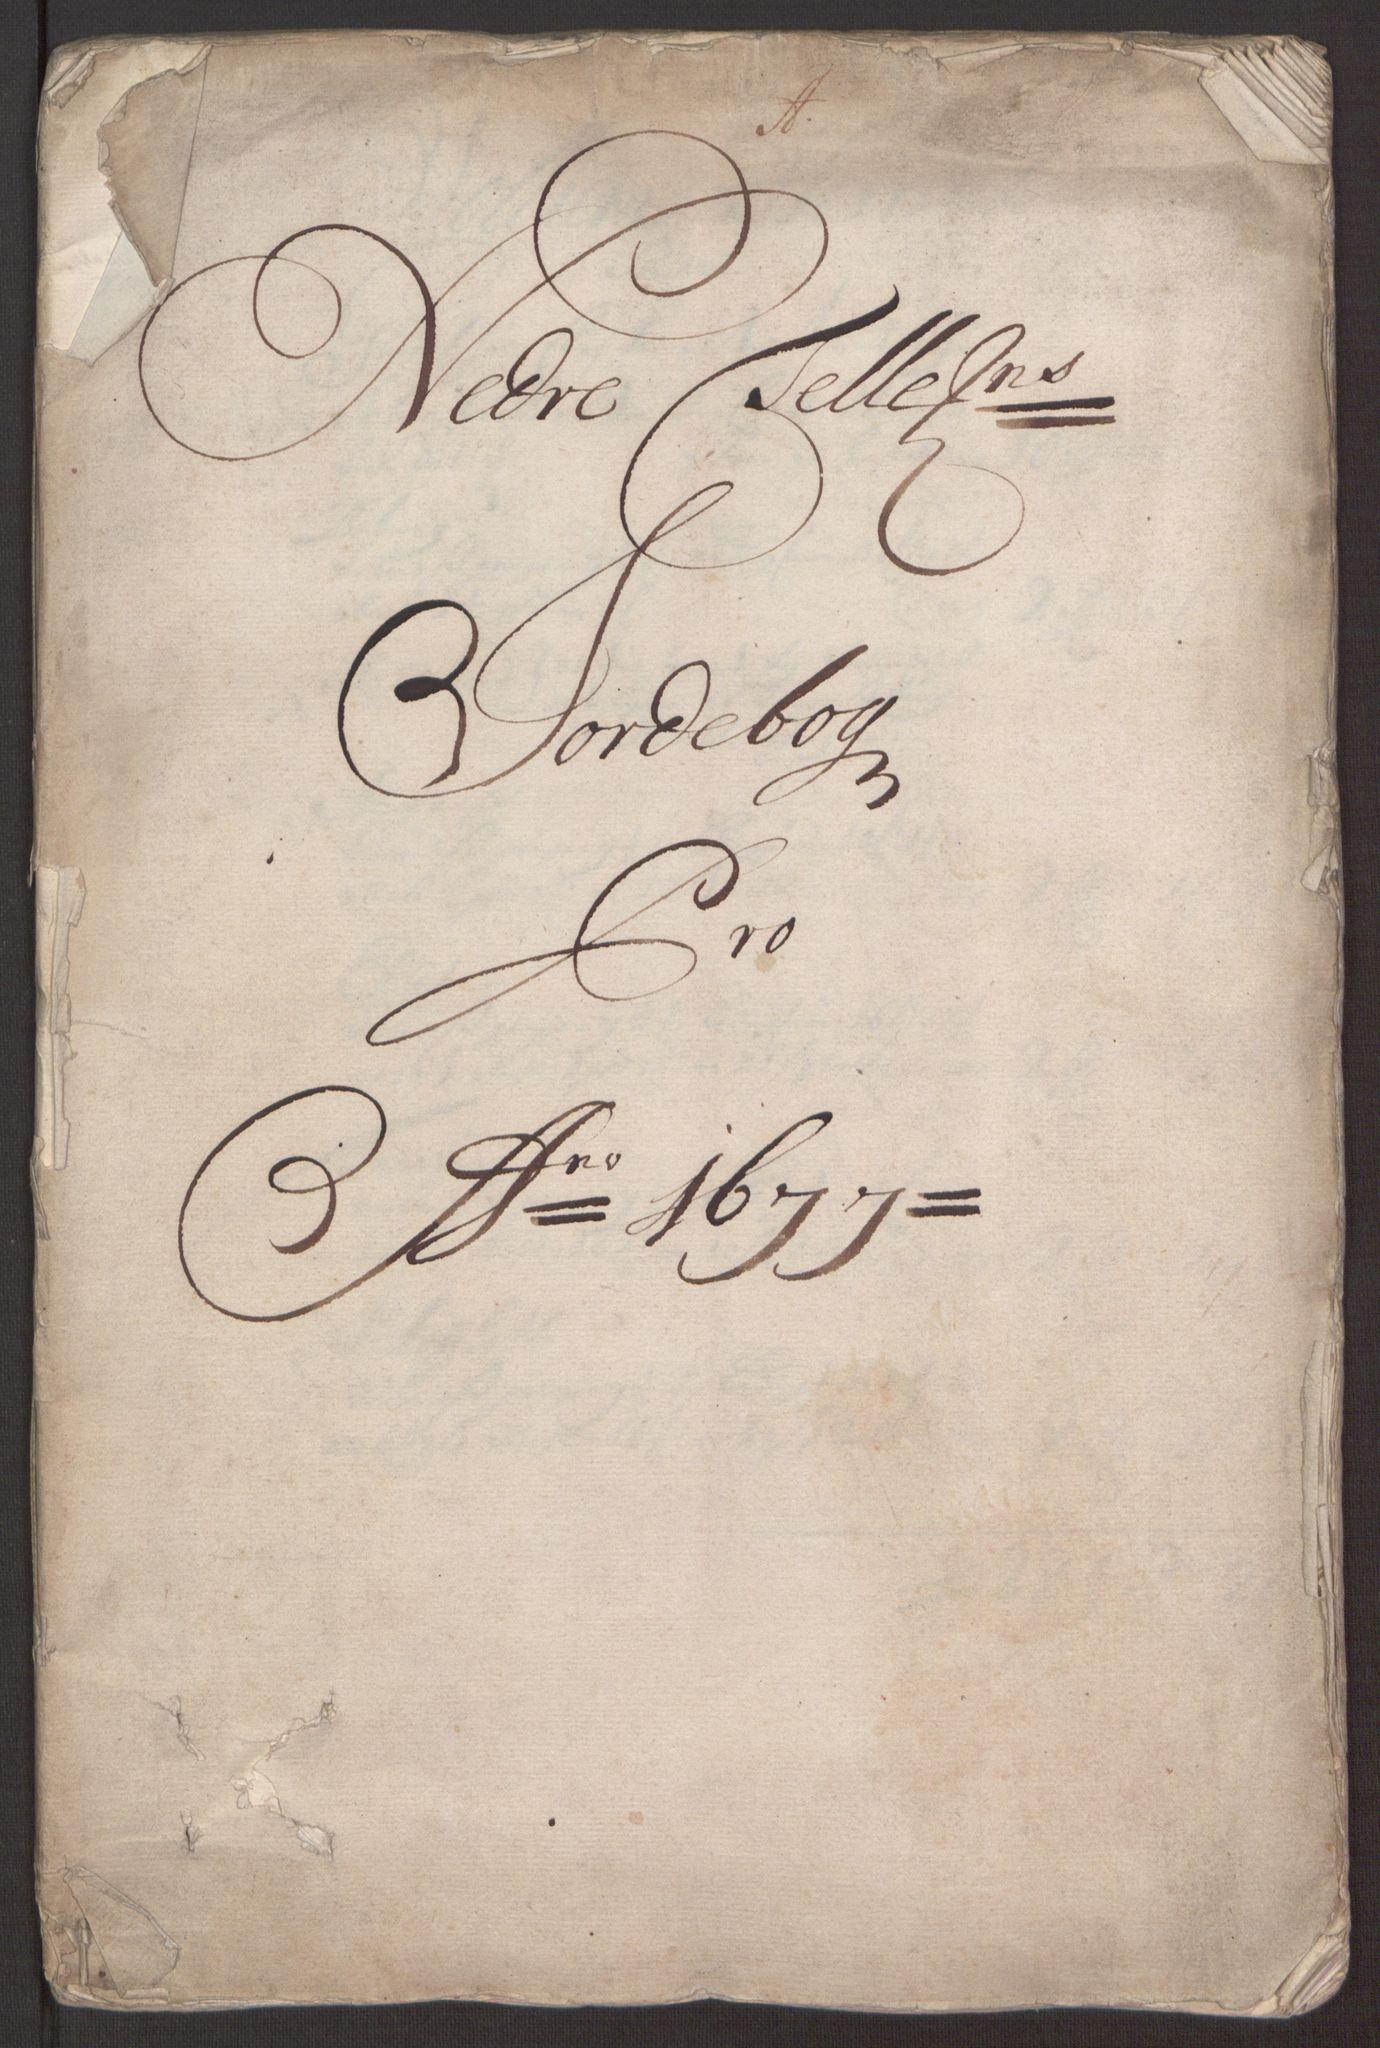 RA, Rentekammeret inntil 1814, Reviderte regnskaper, Fogderegnskap, R35/L2068: Fogderegnskap Øvre og Nedre Telemark, 1677, s. 20